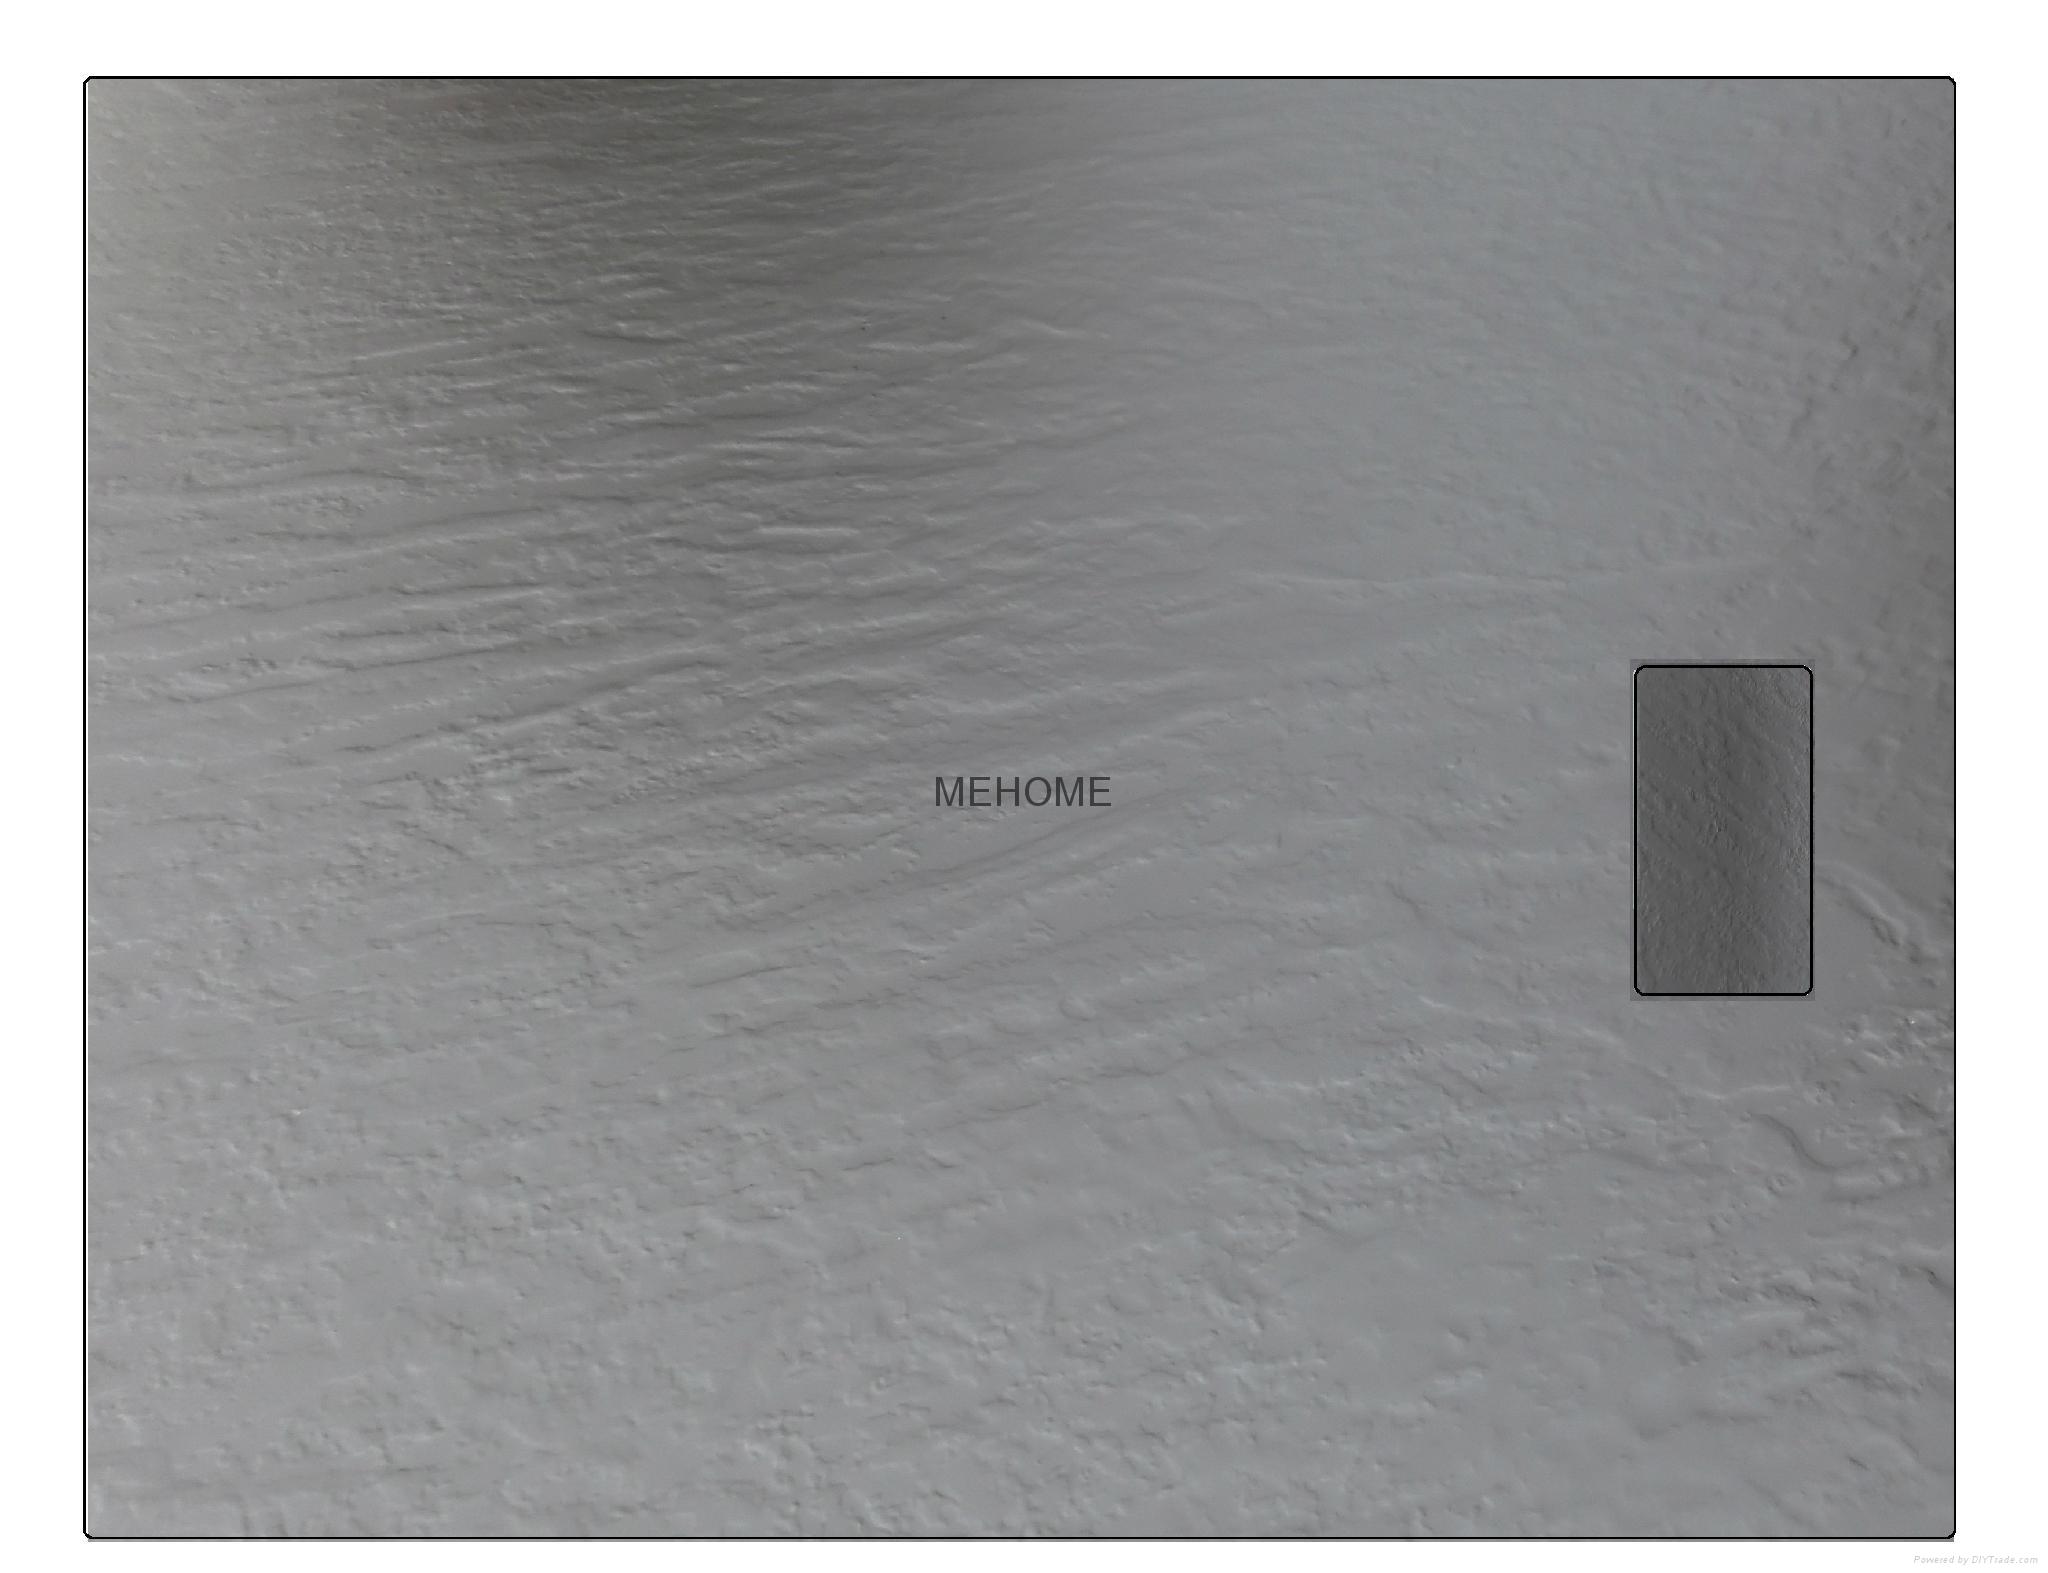 石材面淋浴盆 3